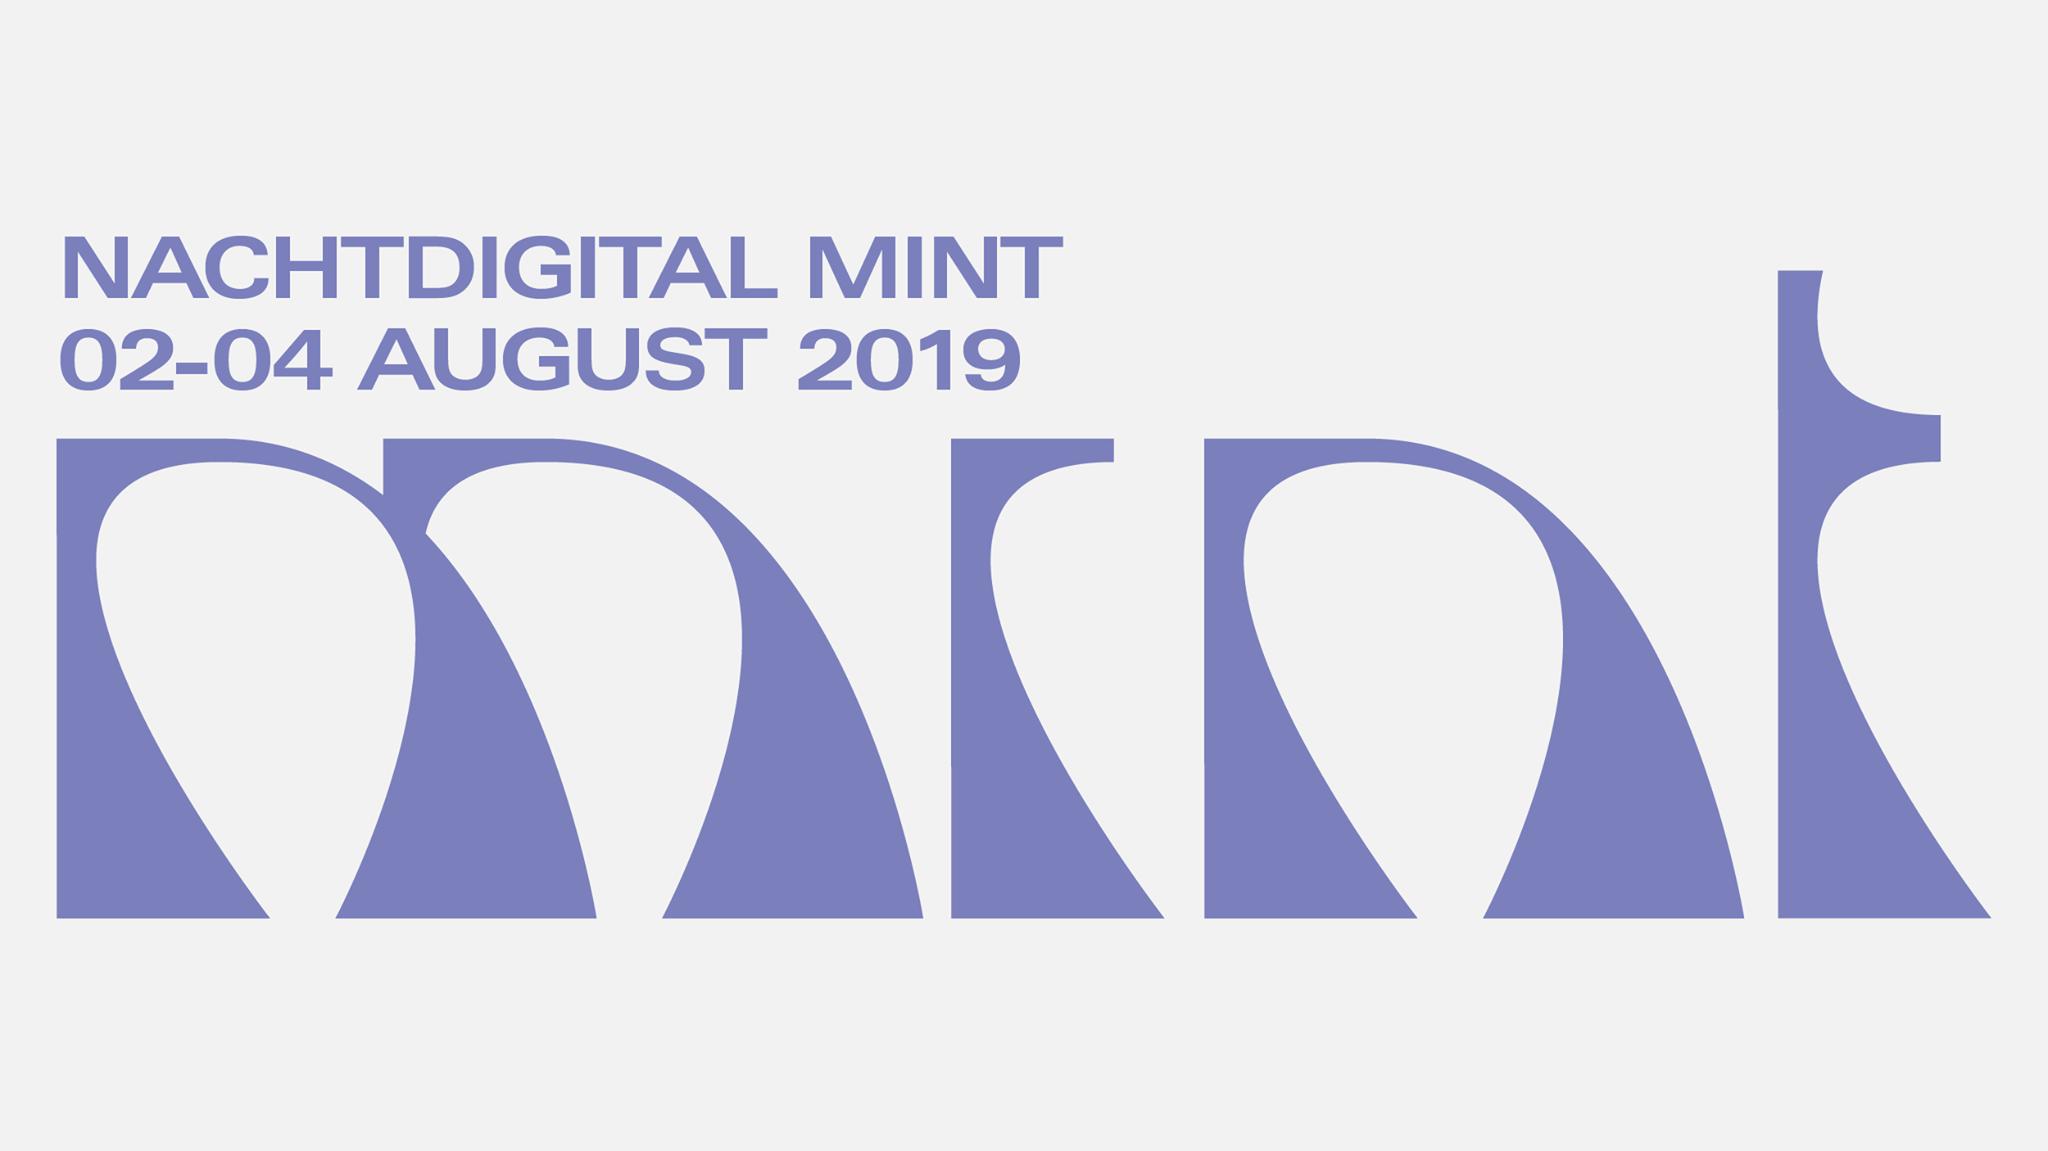 Nachtdigital Festival 2019